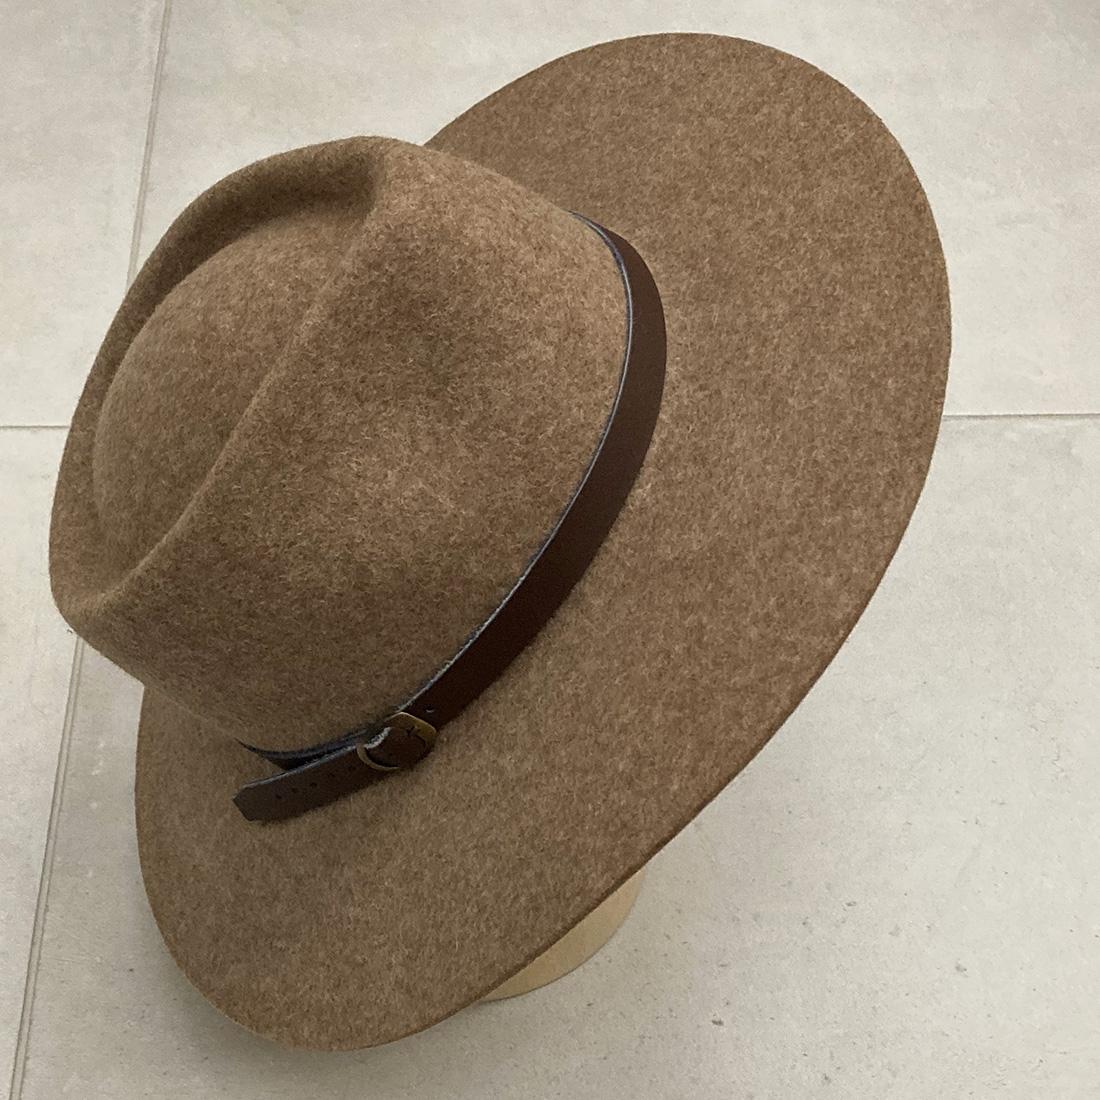 Chapeau bord long en Alpaga - Beige